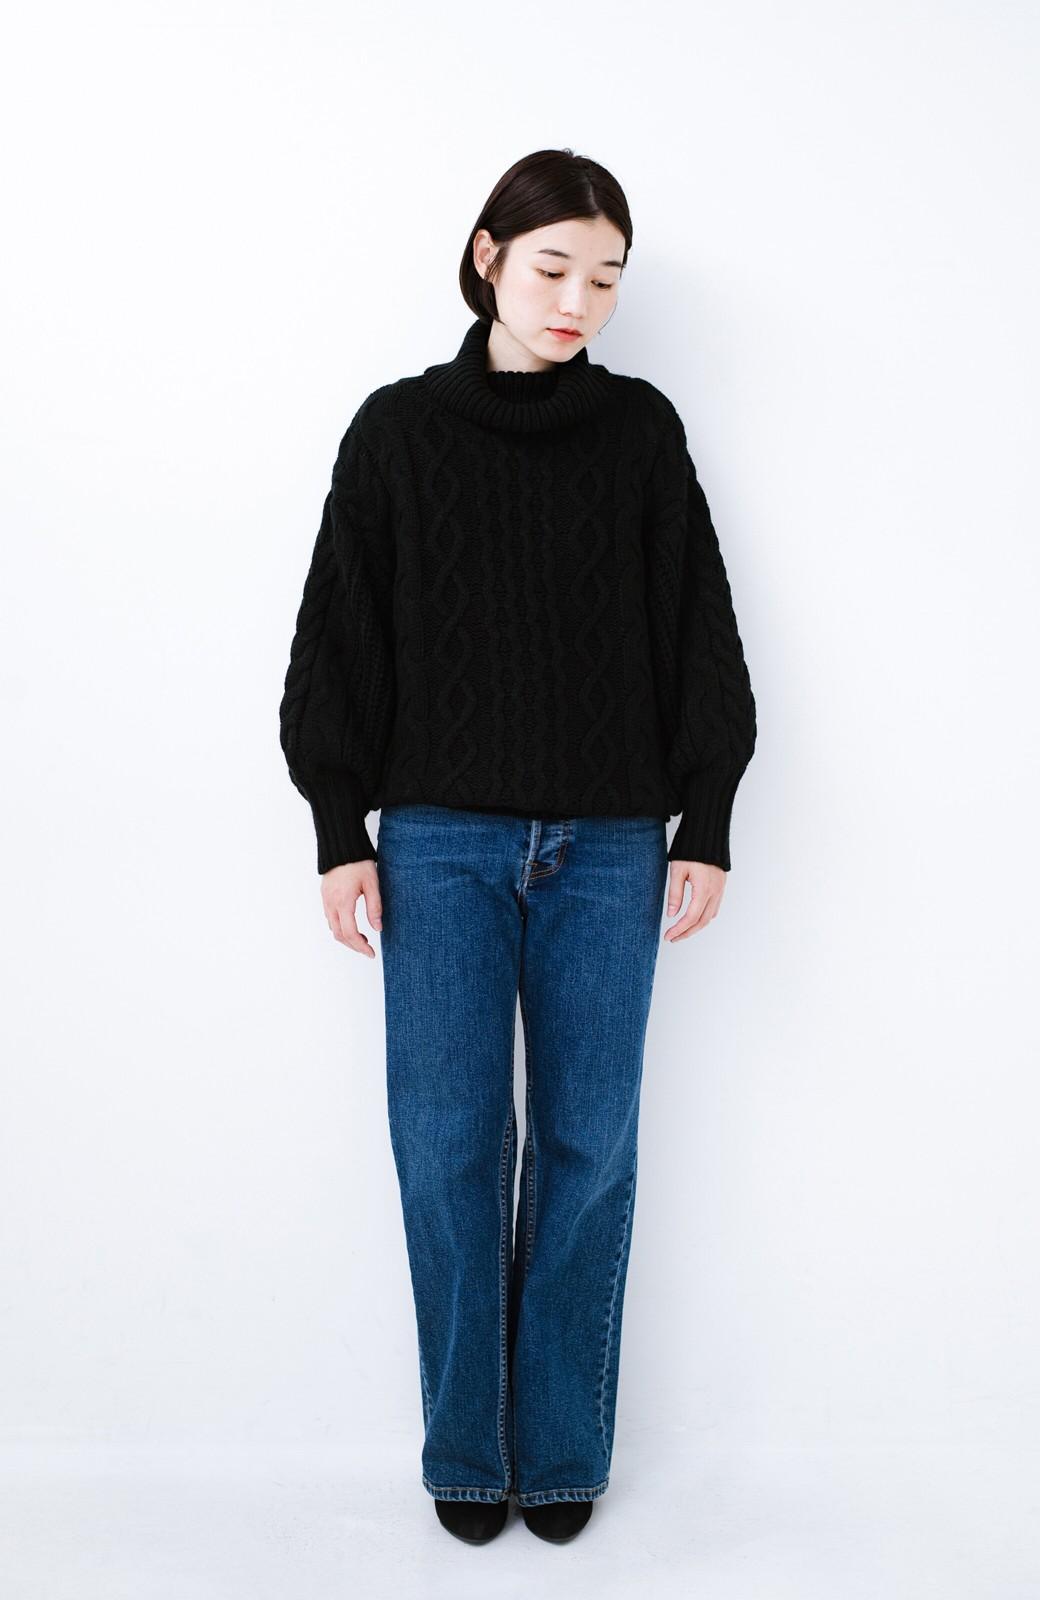 haco! 着るだけで完成するケーブル編みニットセットアップ <ブラック>の商品写真10